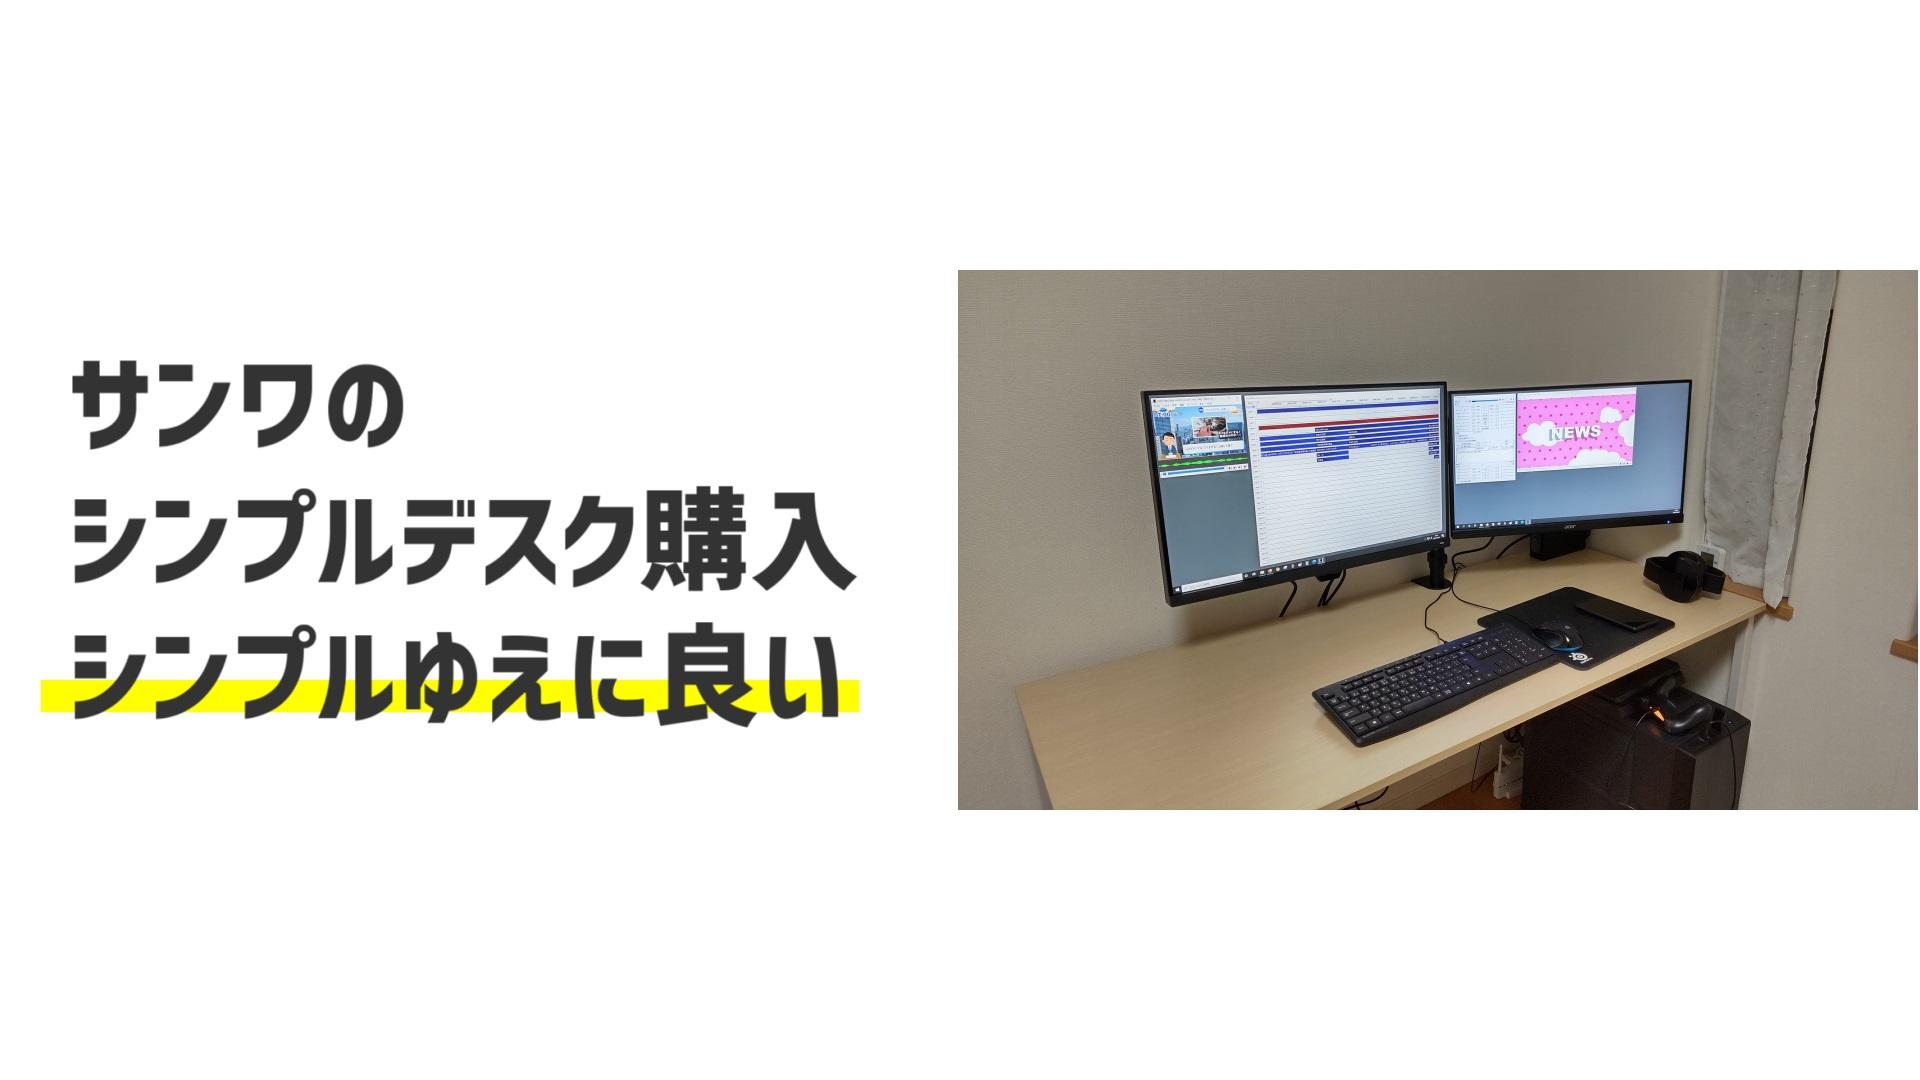 【レビュー】サンワのシンプルデスクを購入。PC作業がはかどります。